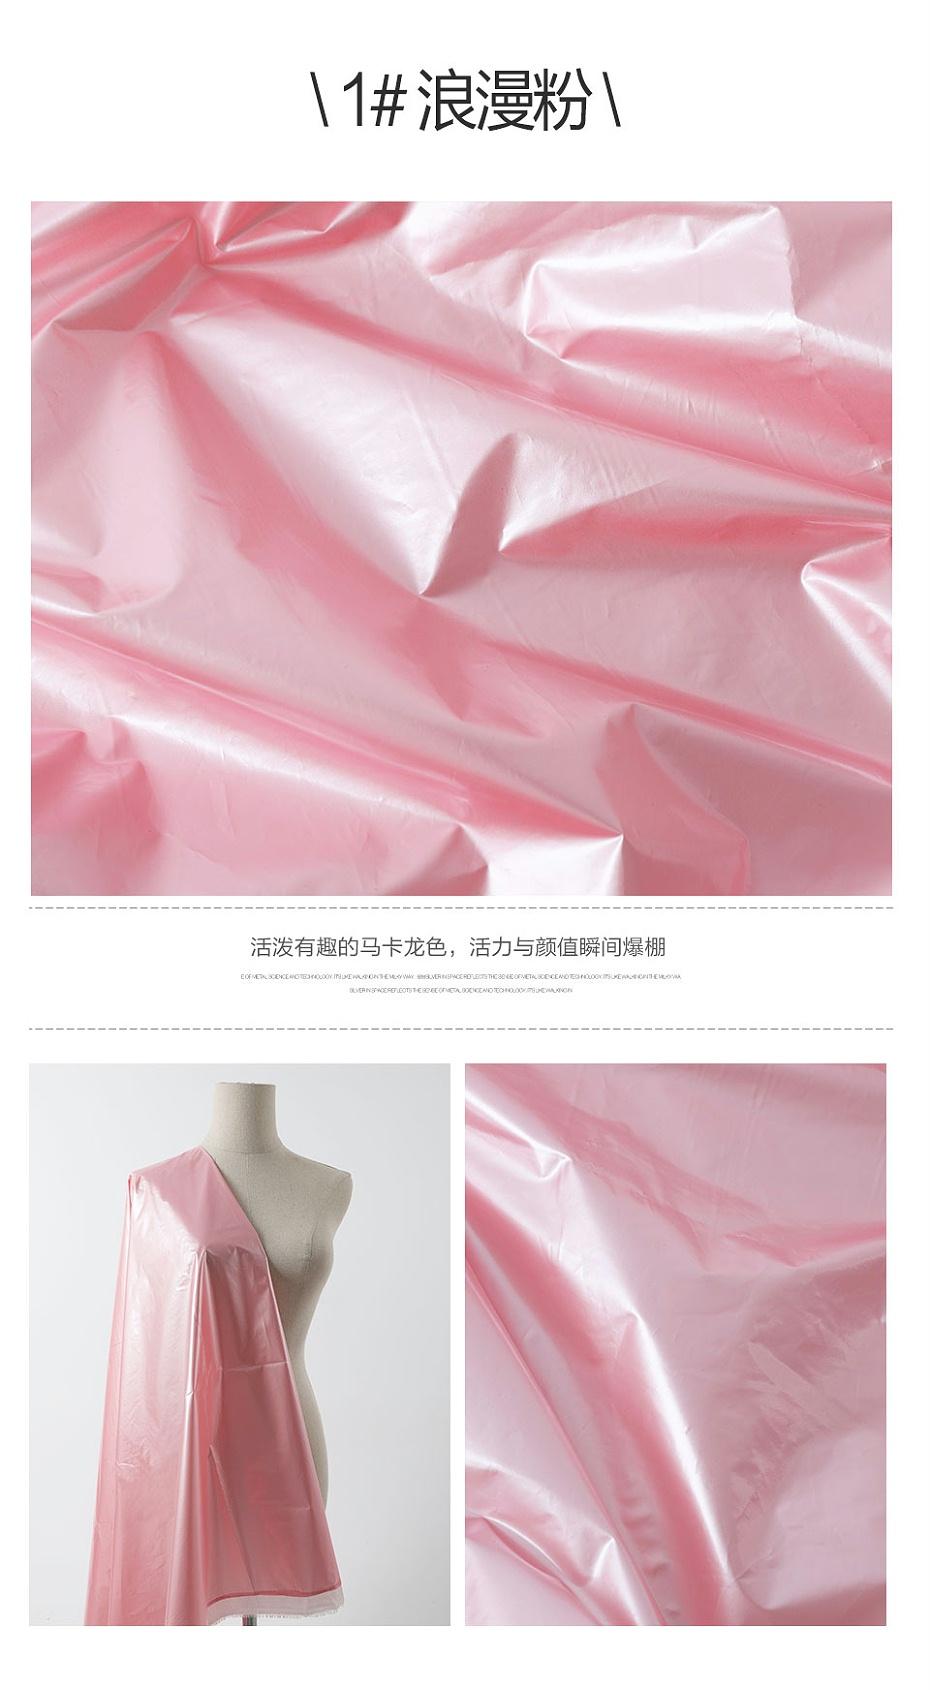 珠光面料油光面料烫金时尚环保服装面料批发定制厂家 (6)